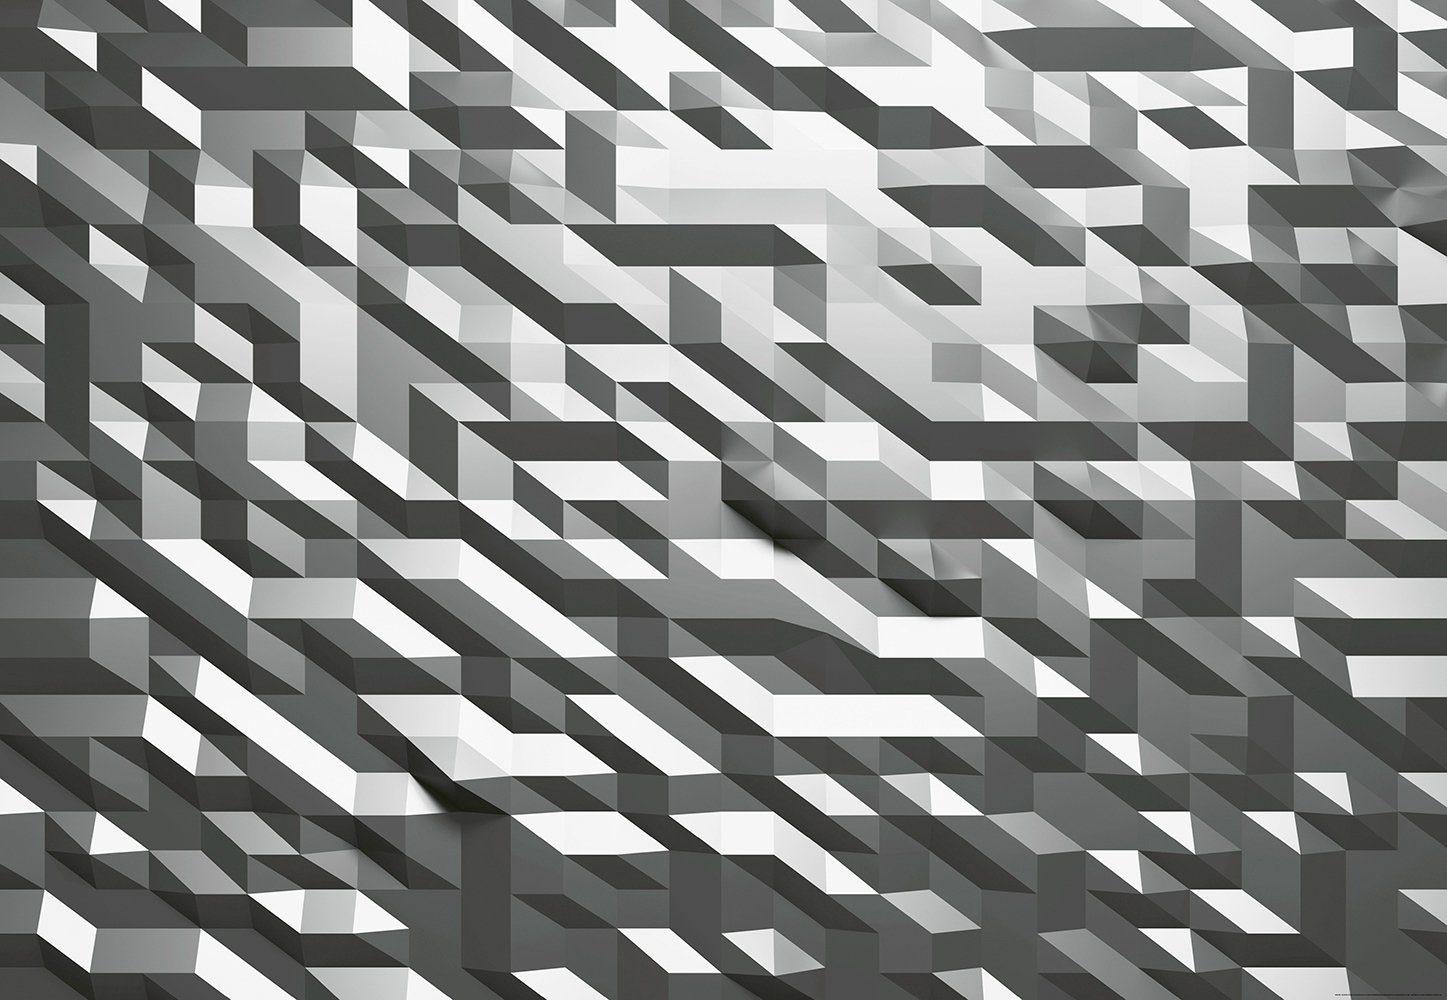 IDEALDECOR Fototapete »3D-Kristall Silber«, BlueBack, 4 Bahnen, 368 x 254 cm